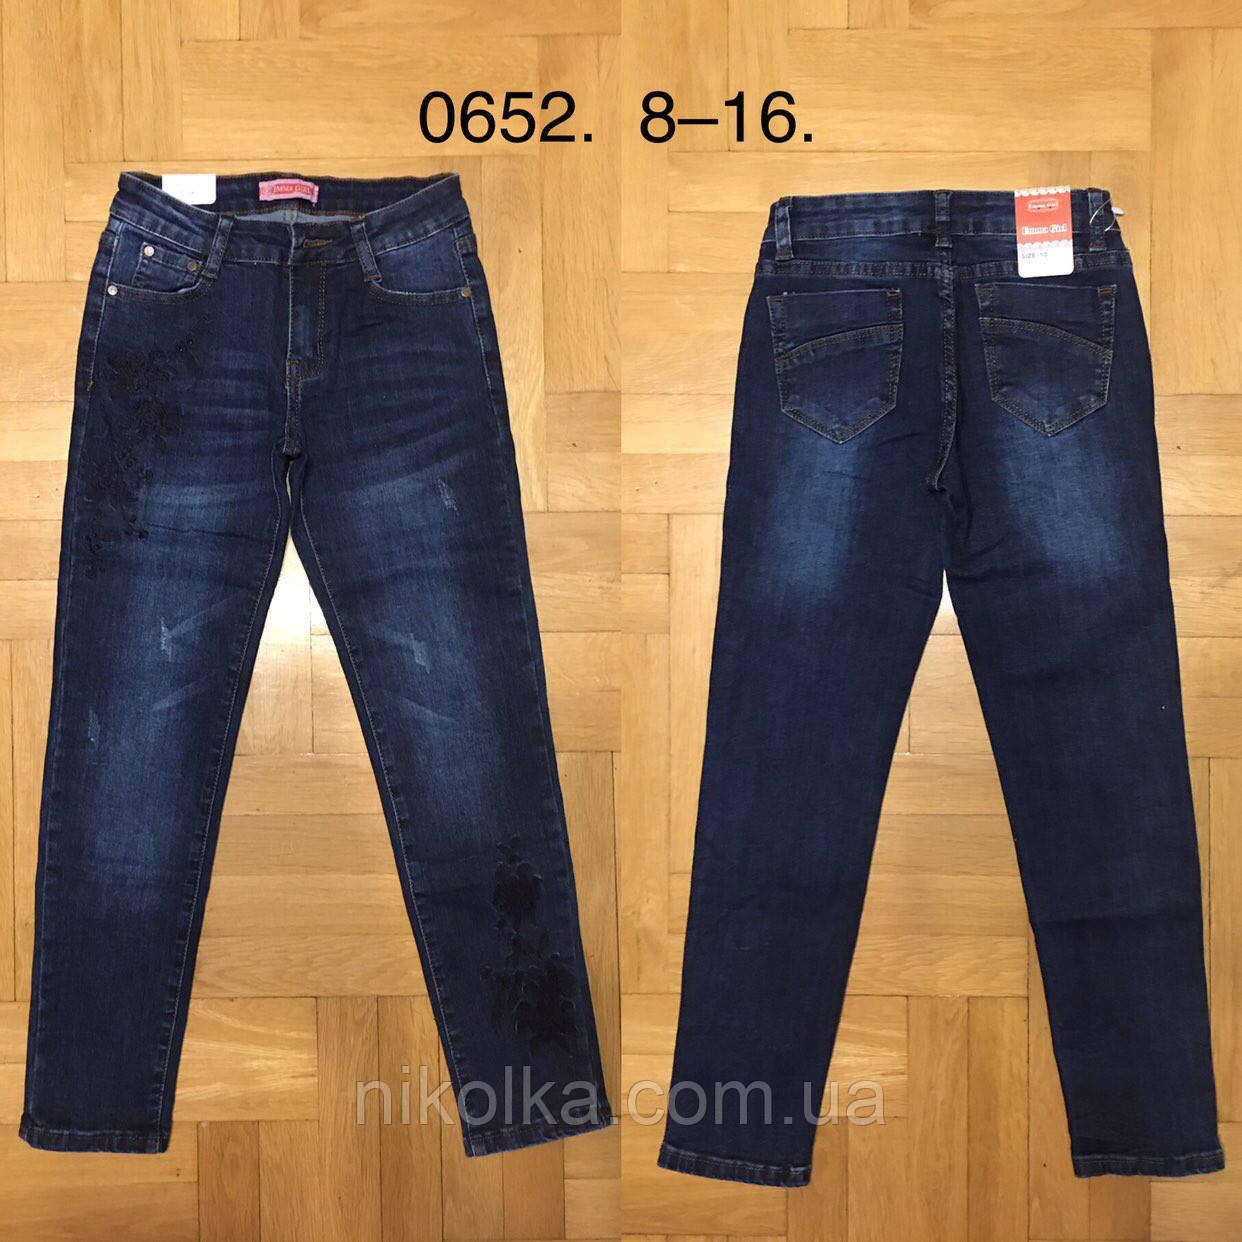 Джинсовые брюки для девочек оптом, Emma Girl, 8-16 лет., Арт.0652